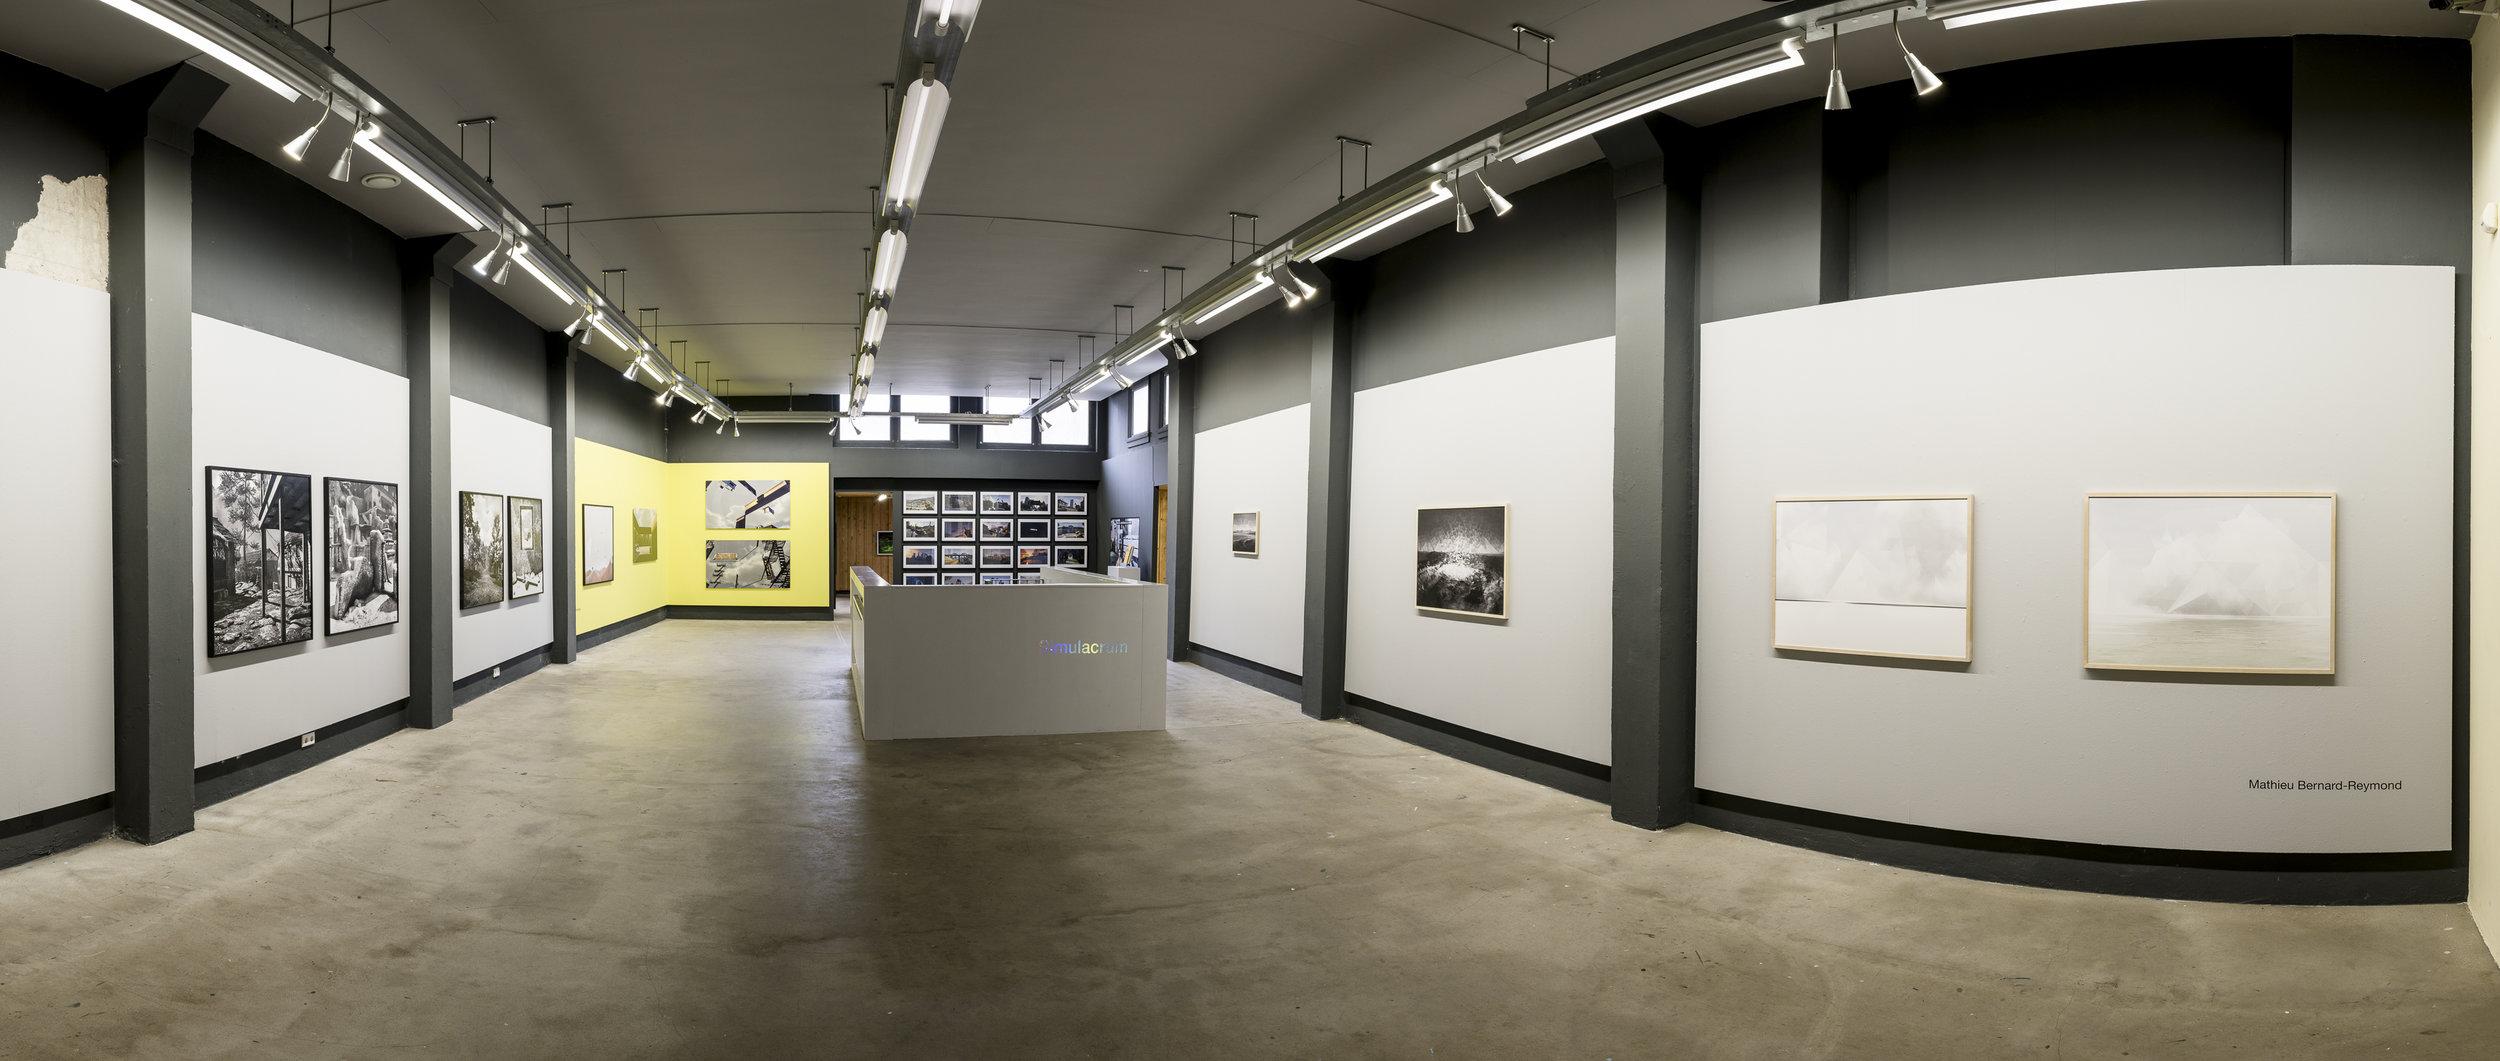 01-Maarten-de-Kok-Photography-43.jpg